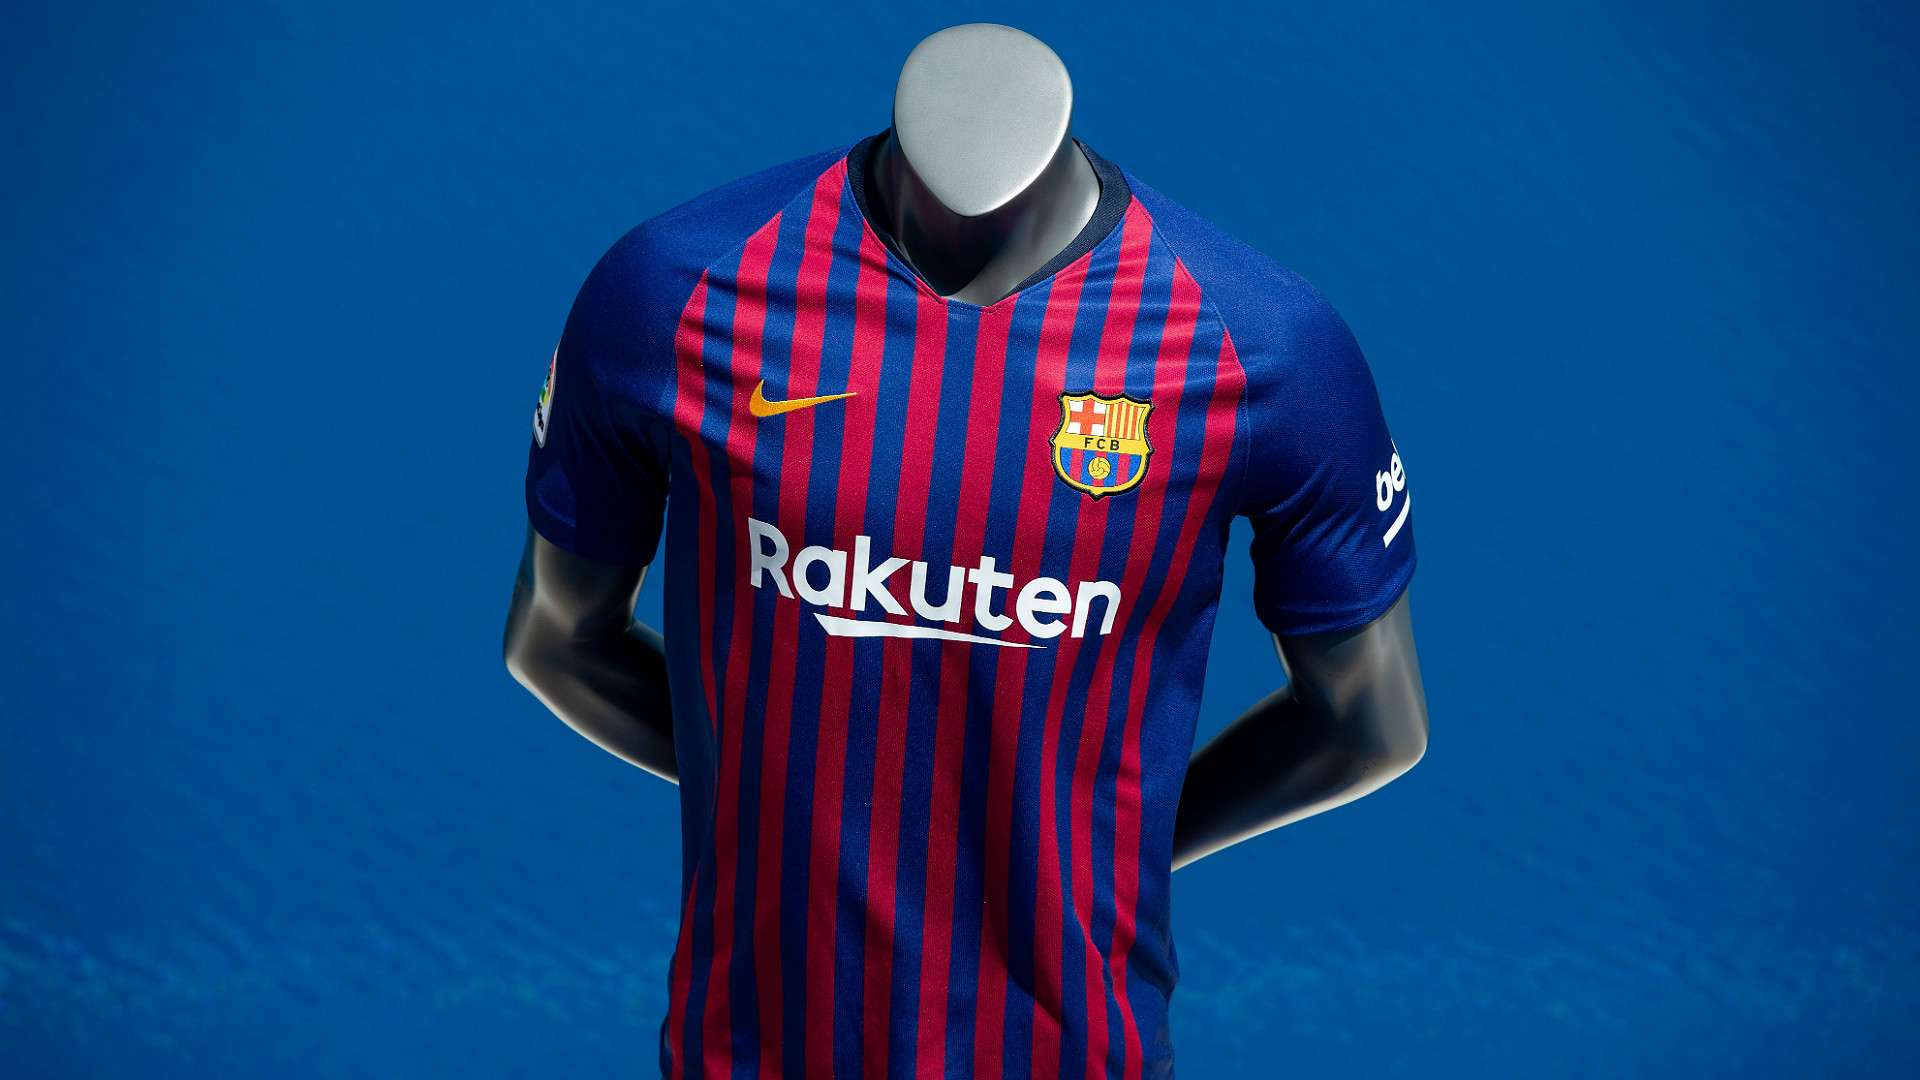 La camiseta del Barcelona  dónde comprar 6421eb36b07